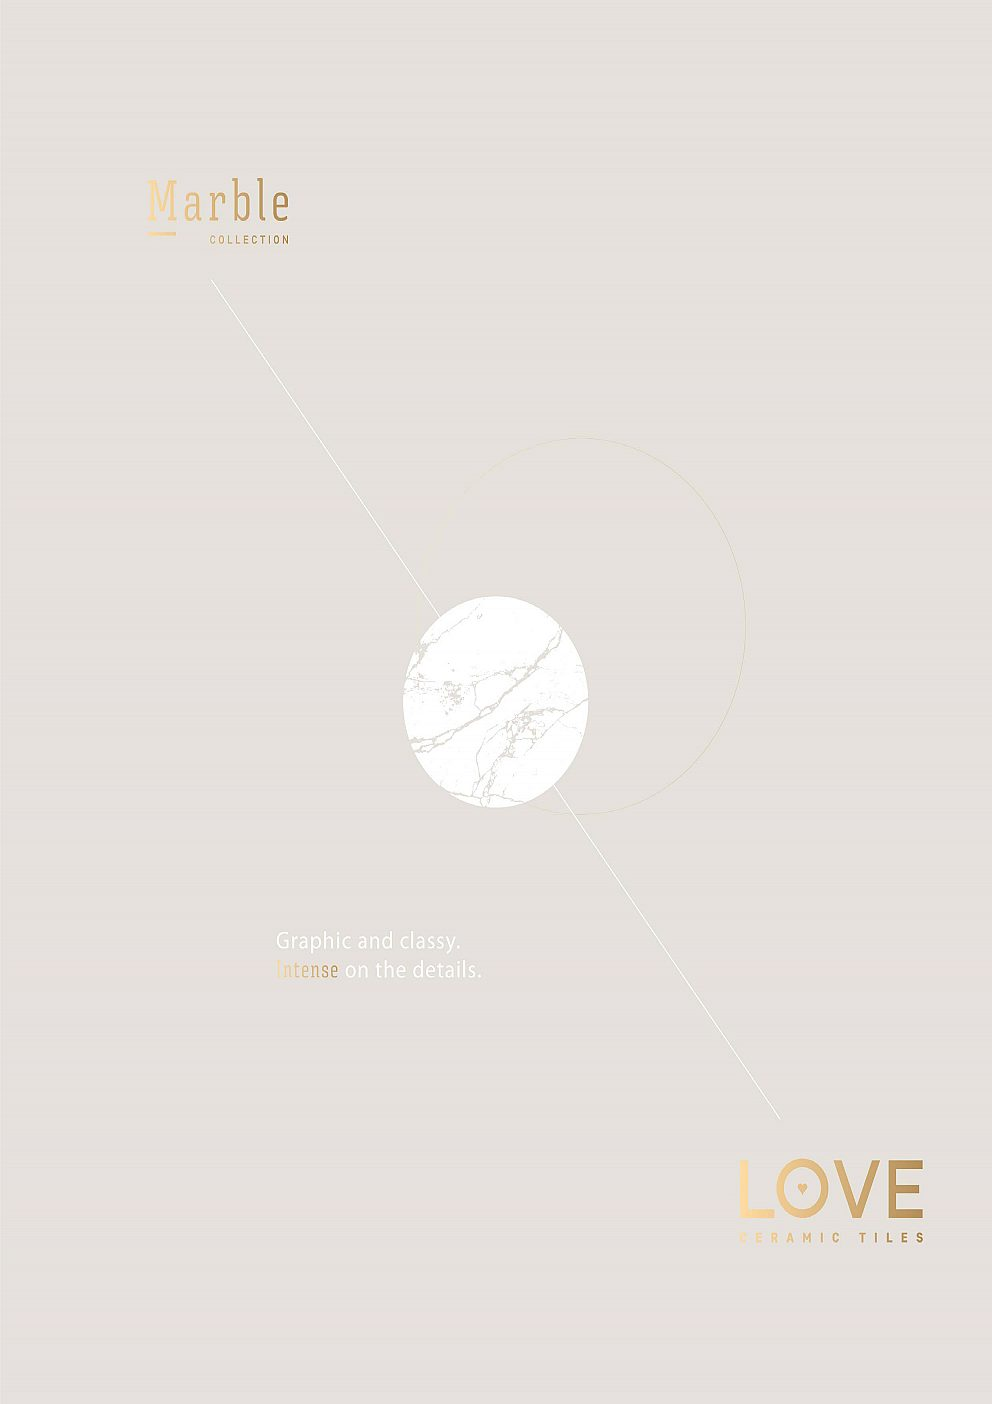 Love - Séria Marble